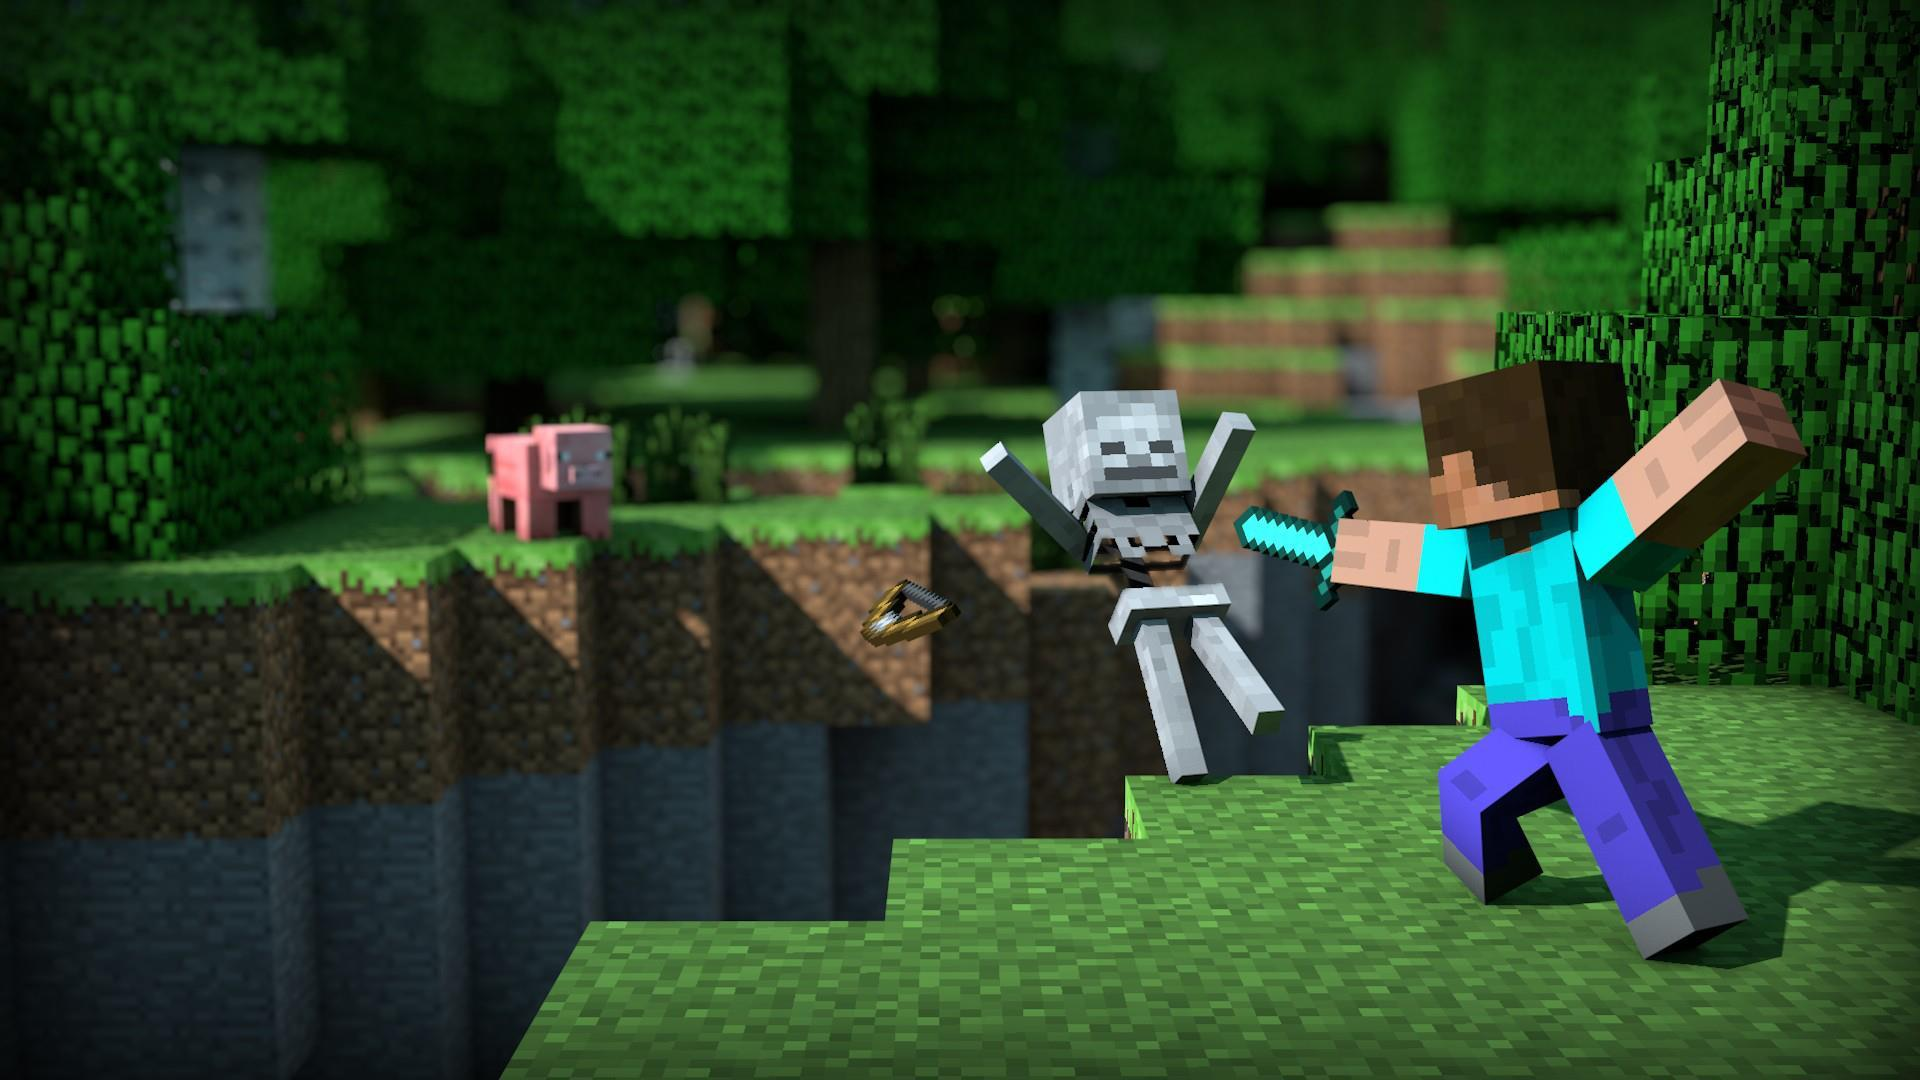 Minecraft 1.17 update